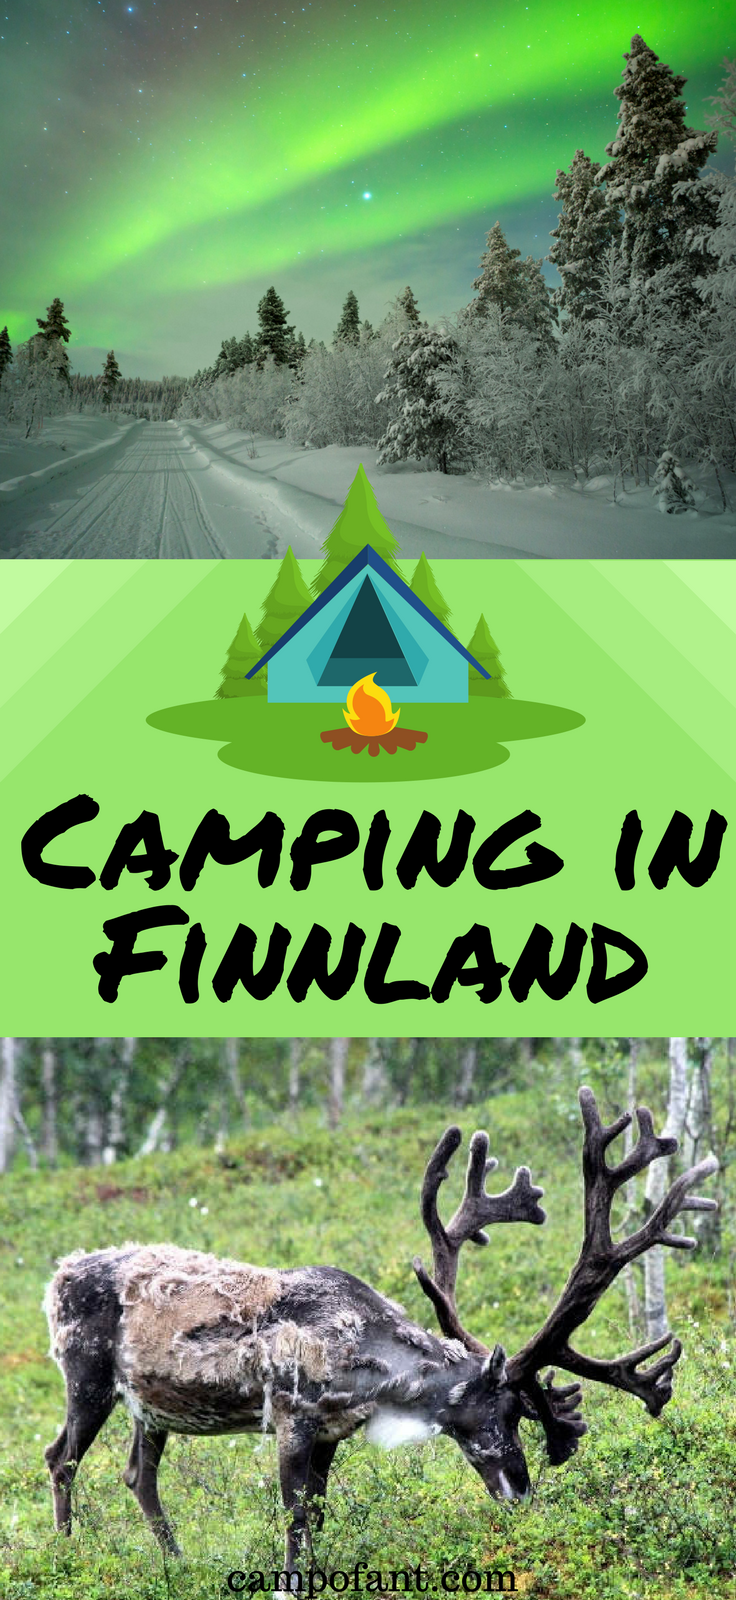 camping in finnland unsere erfahrungen und reisetipps sommer sonne strand meer. Black Bedroom Furniture Sets. Home Design Ideas